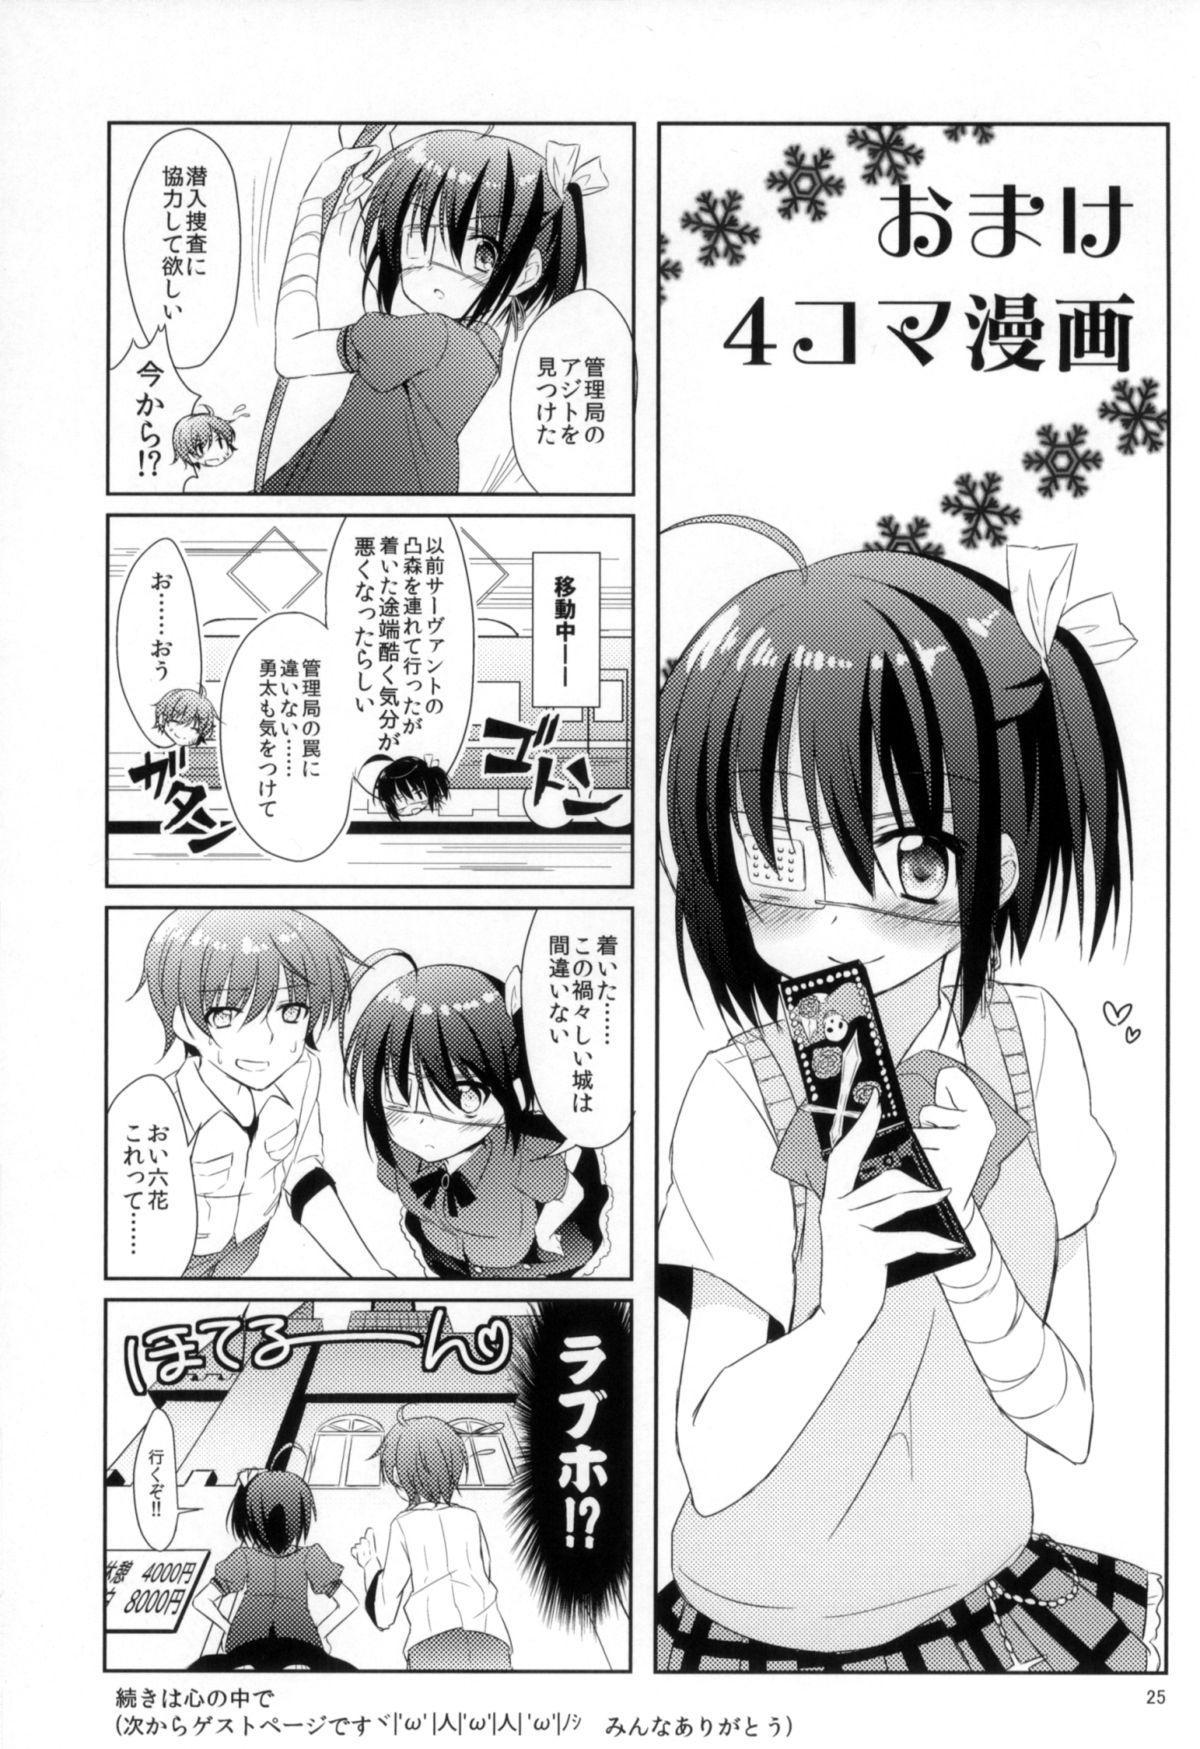 Yami no Shinen yori Ai o Komete 23